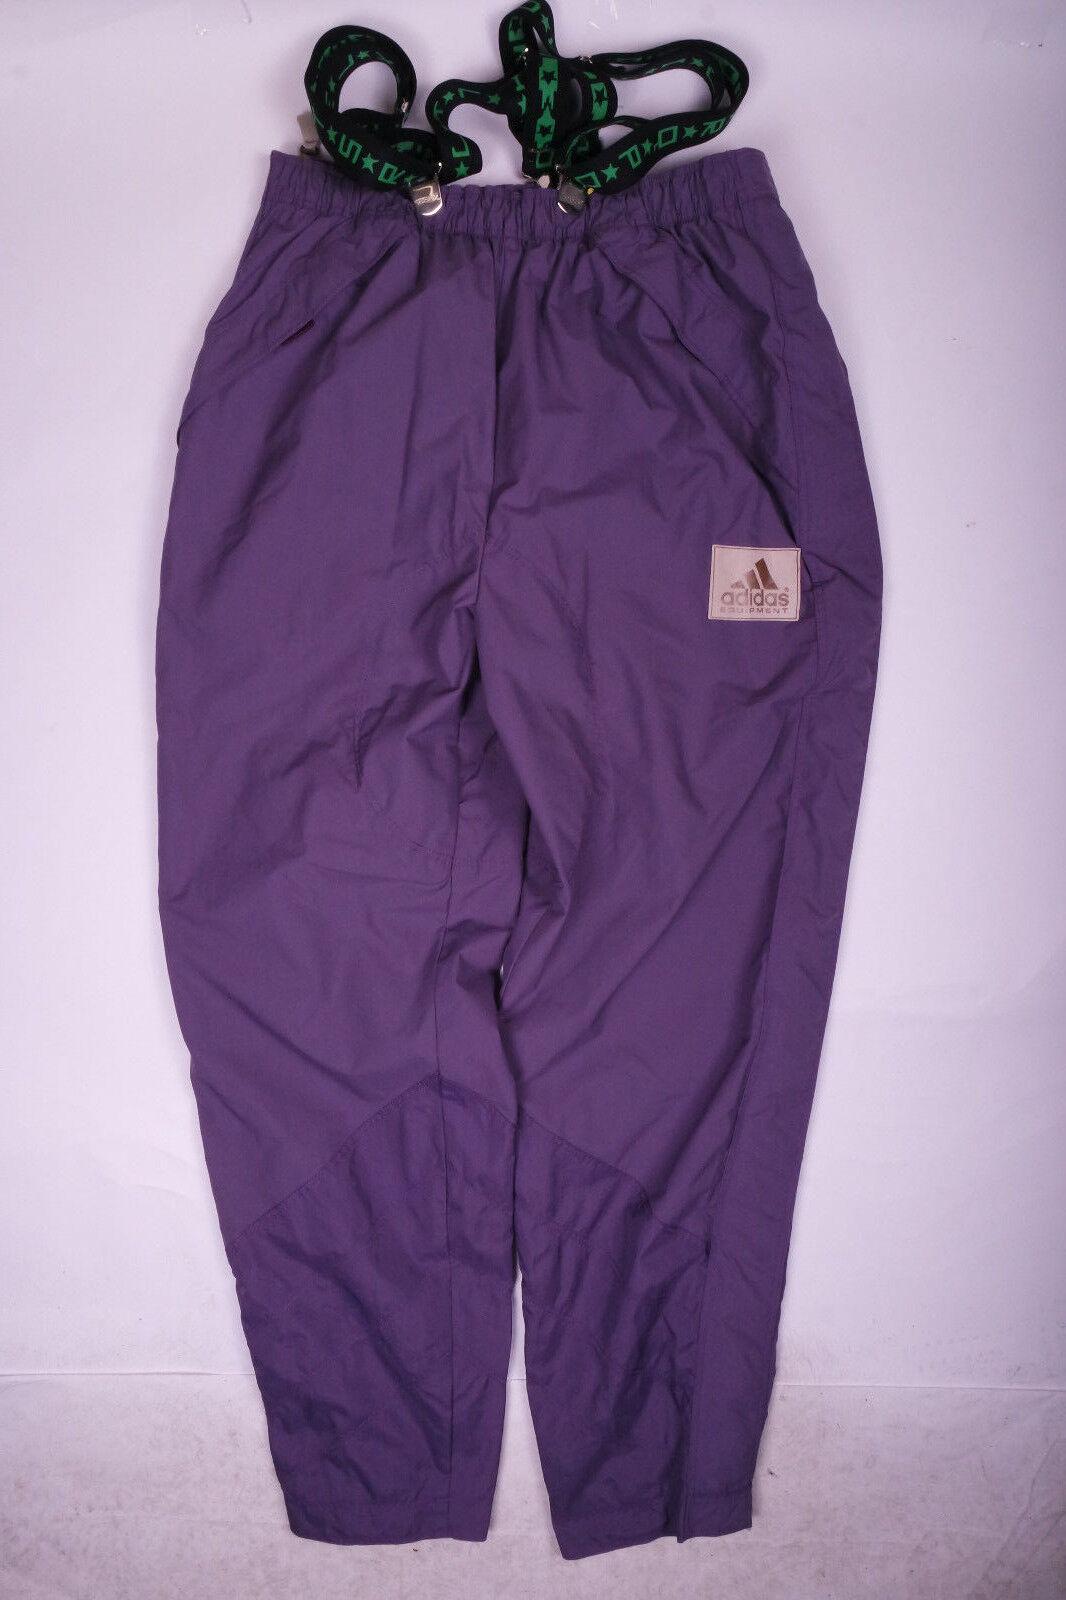 Adidas Equipment Skihose Schneehose Hose Vintage Retro Lila Gr. D58   XL